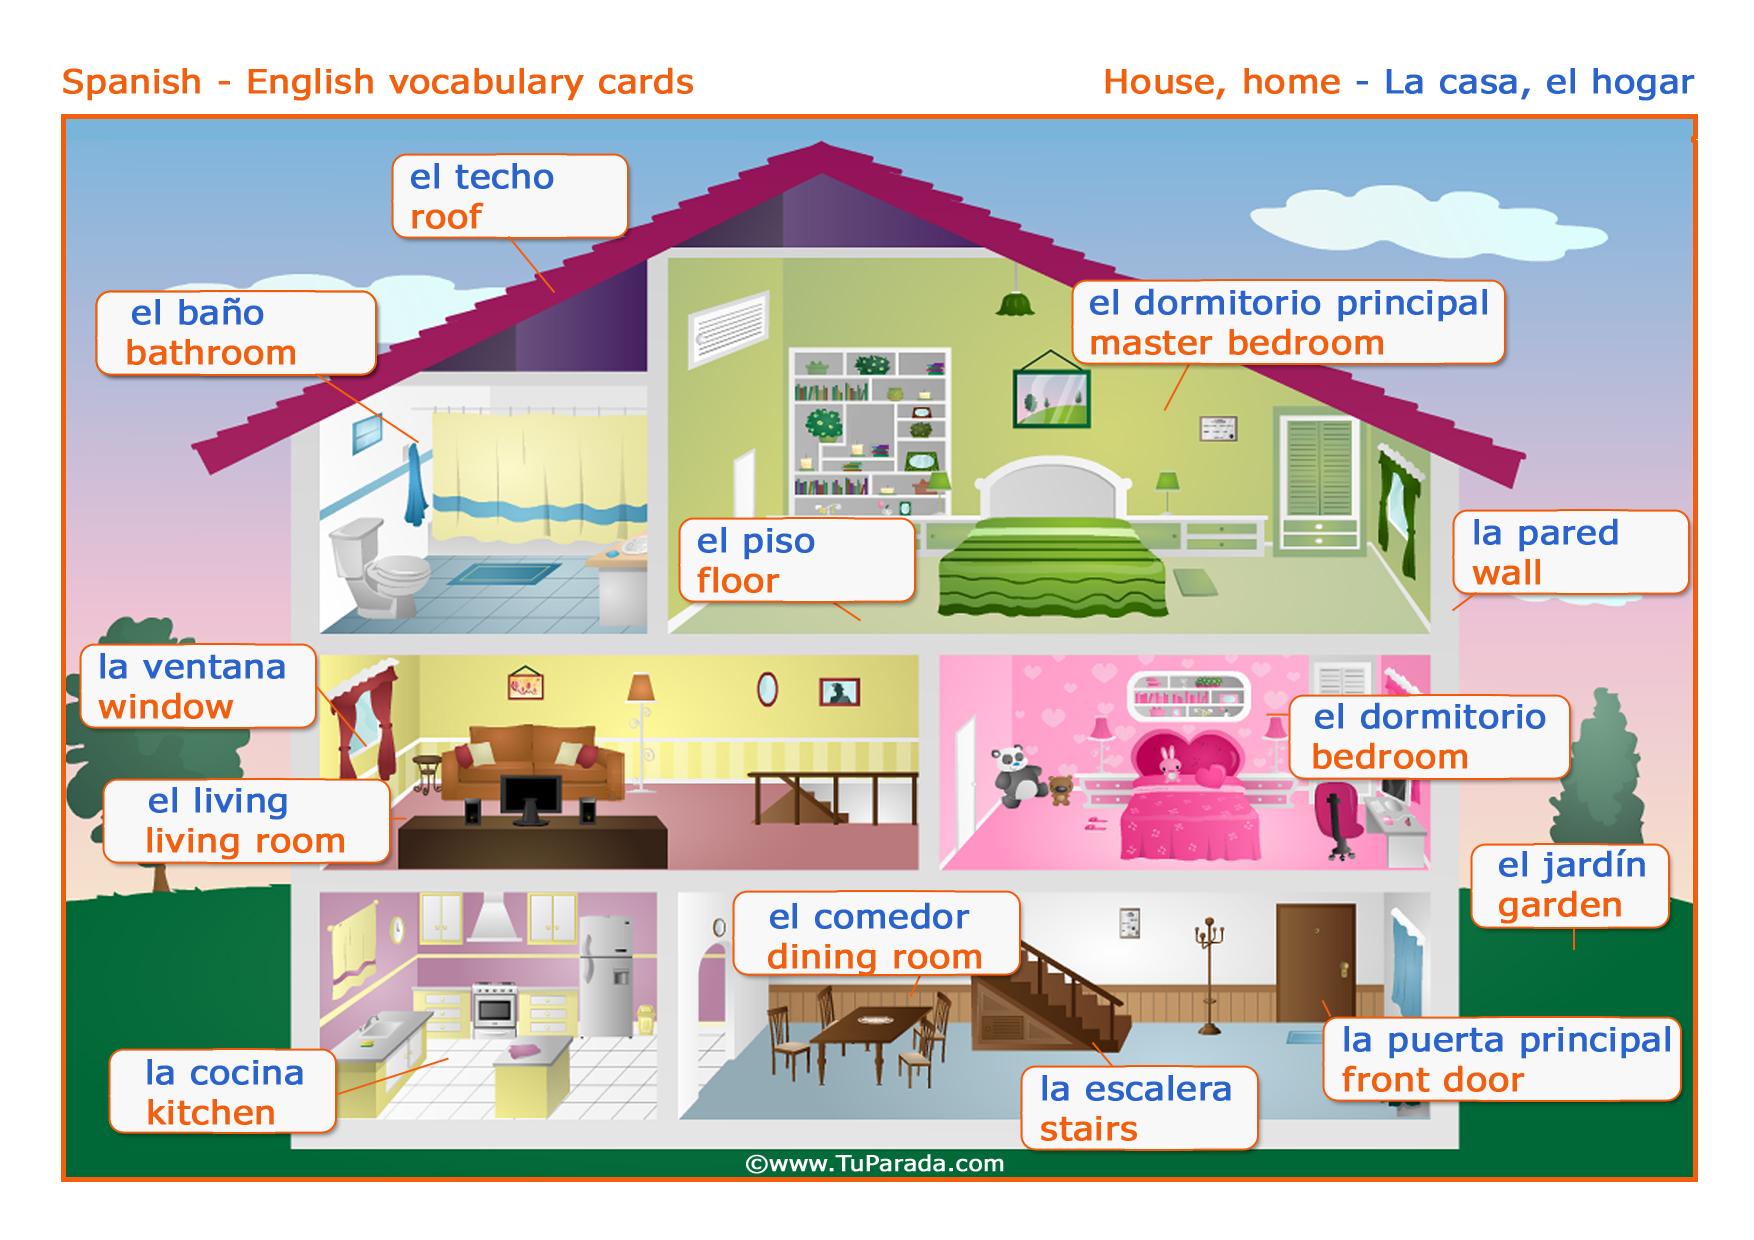 Vocabulario espa±ol inglés la casa the house Vocabulario #1: 2 vocabulario espanol ingles la casa the house